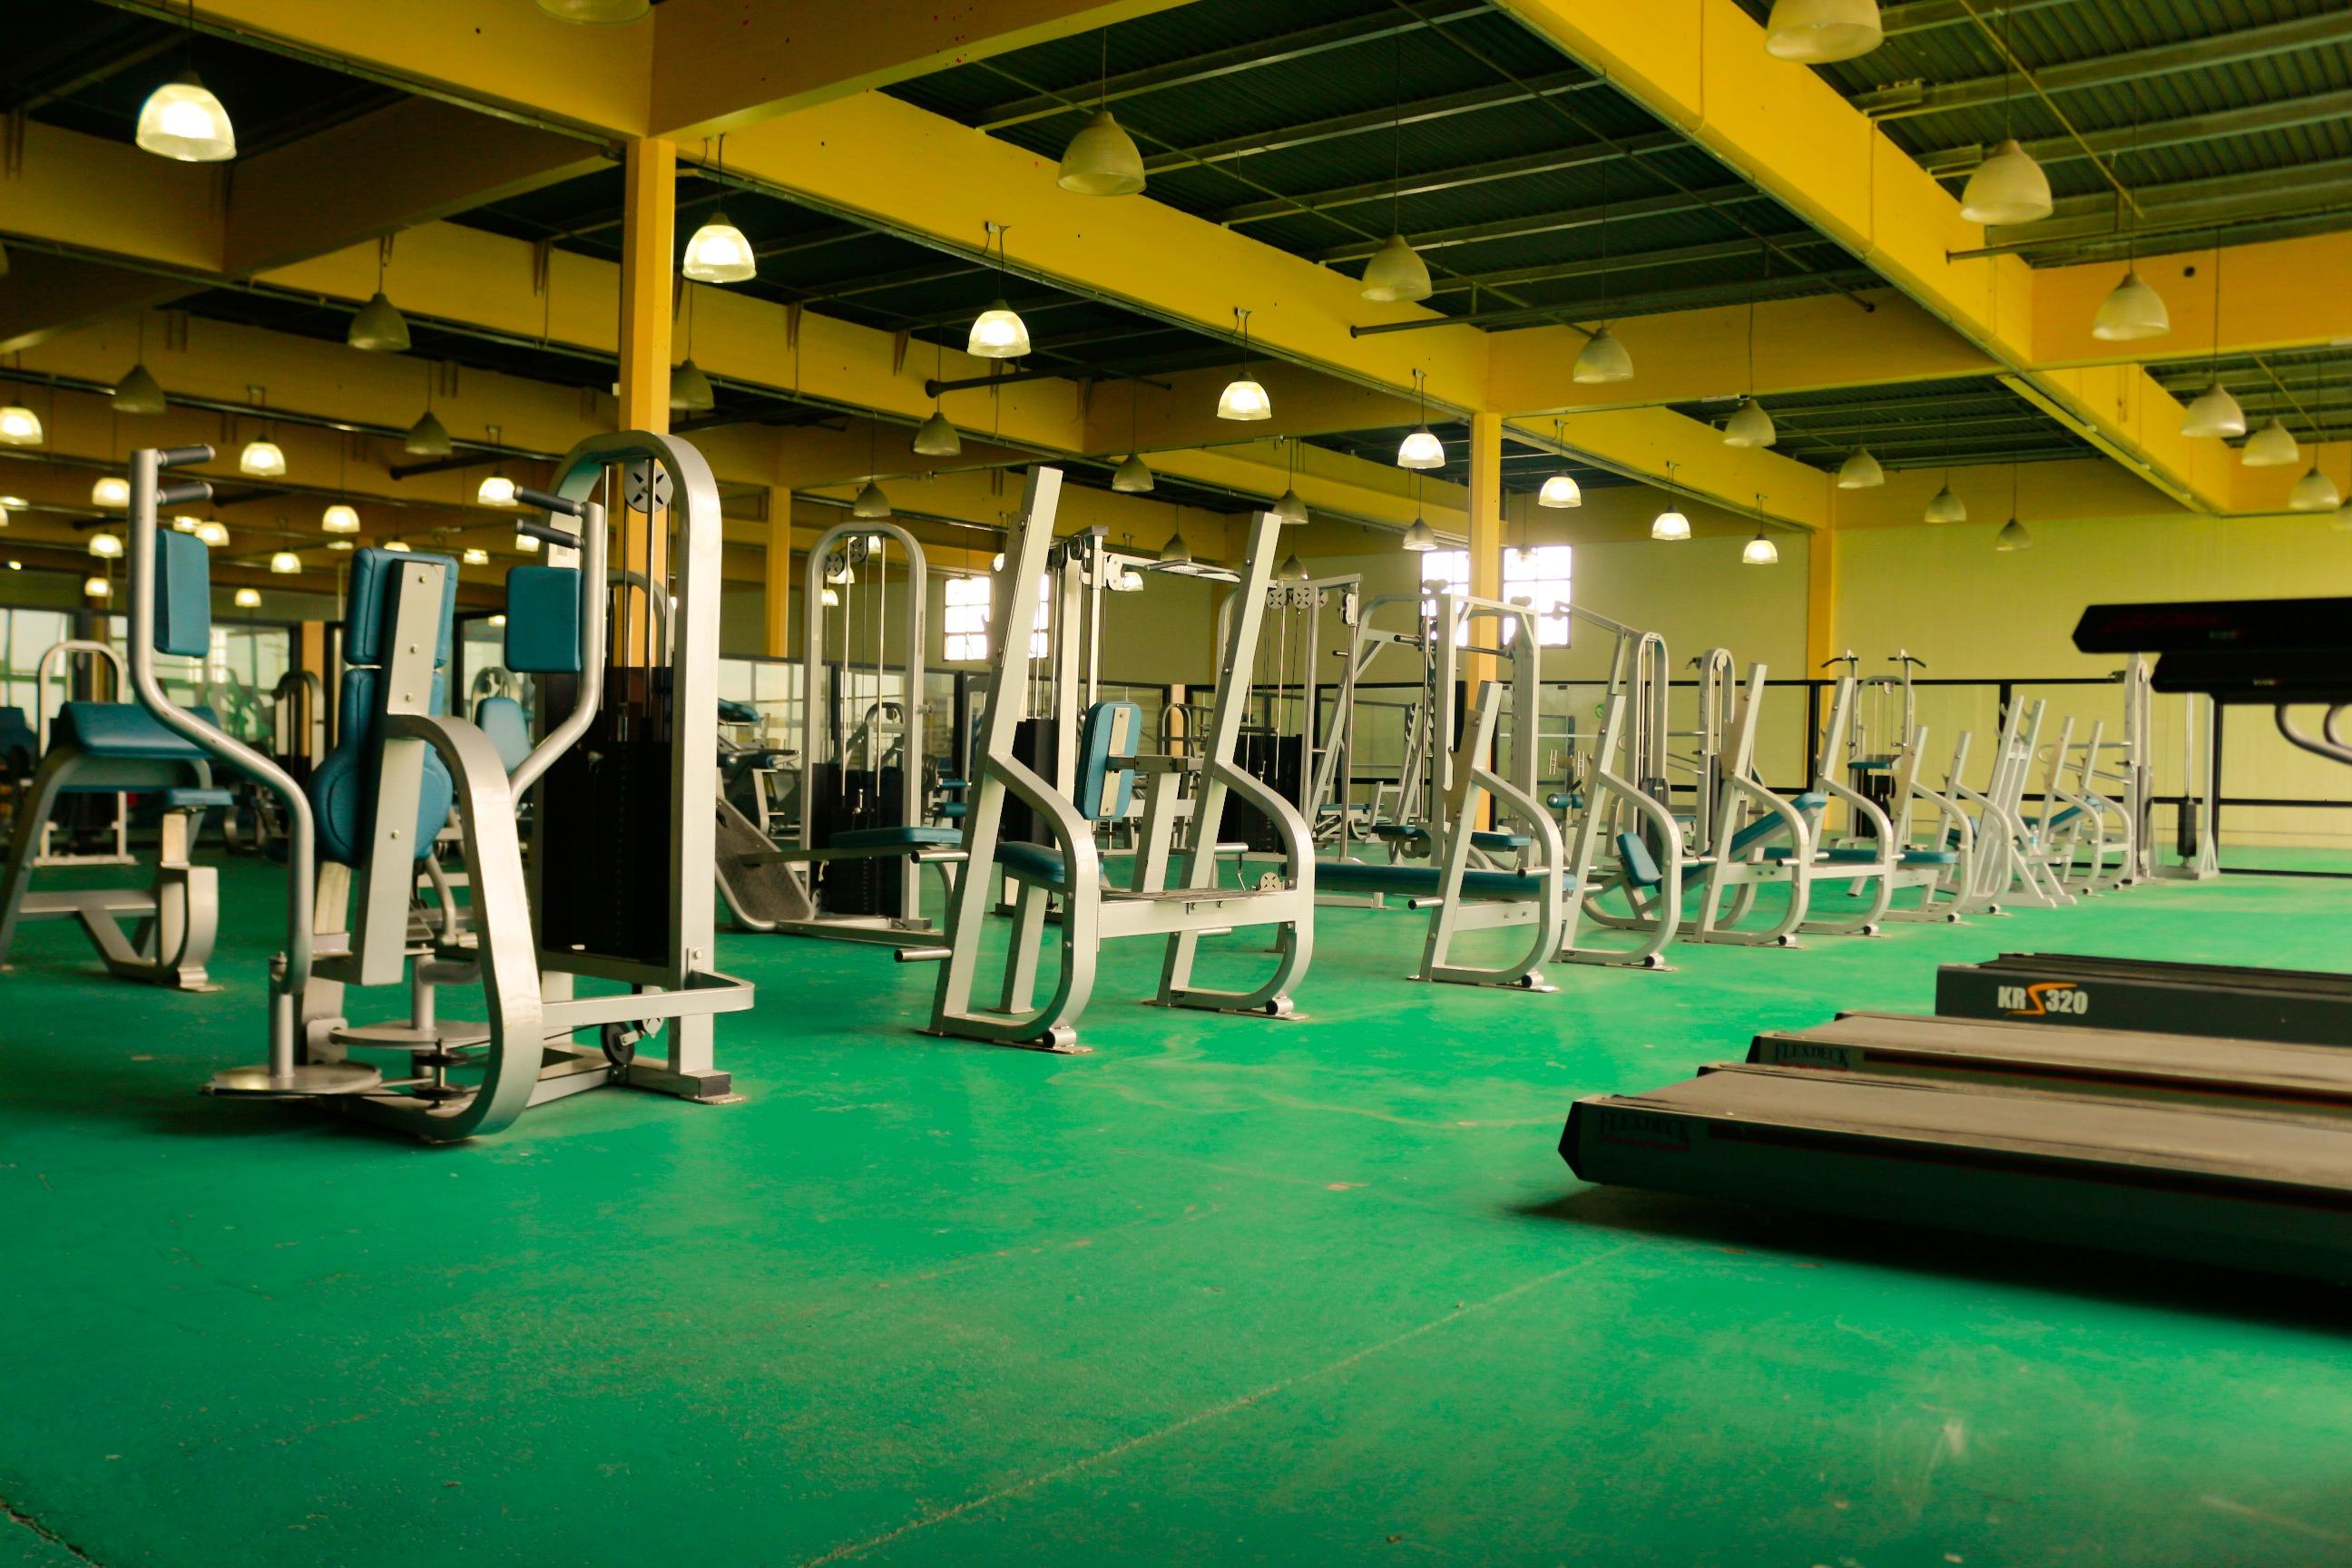 Nuevo gimnasio de musculaci n en la unlam periodico sic for Gimnasio abierto